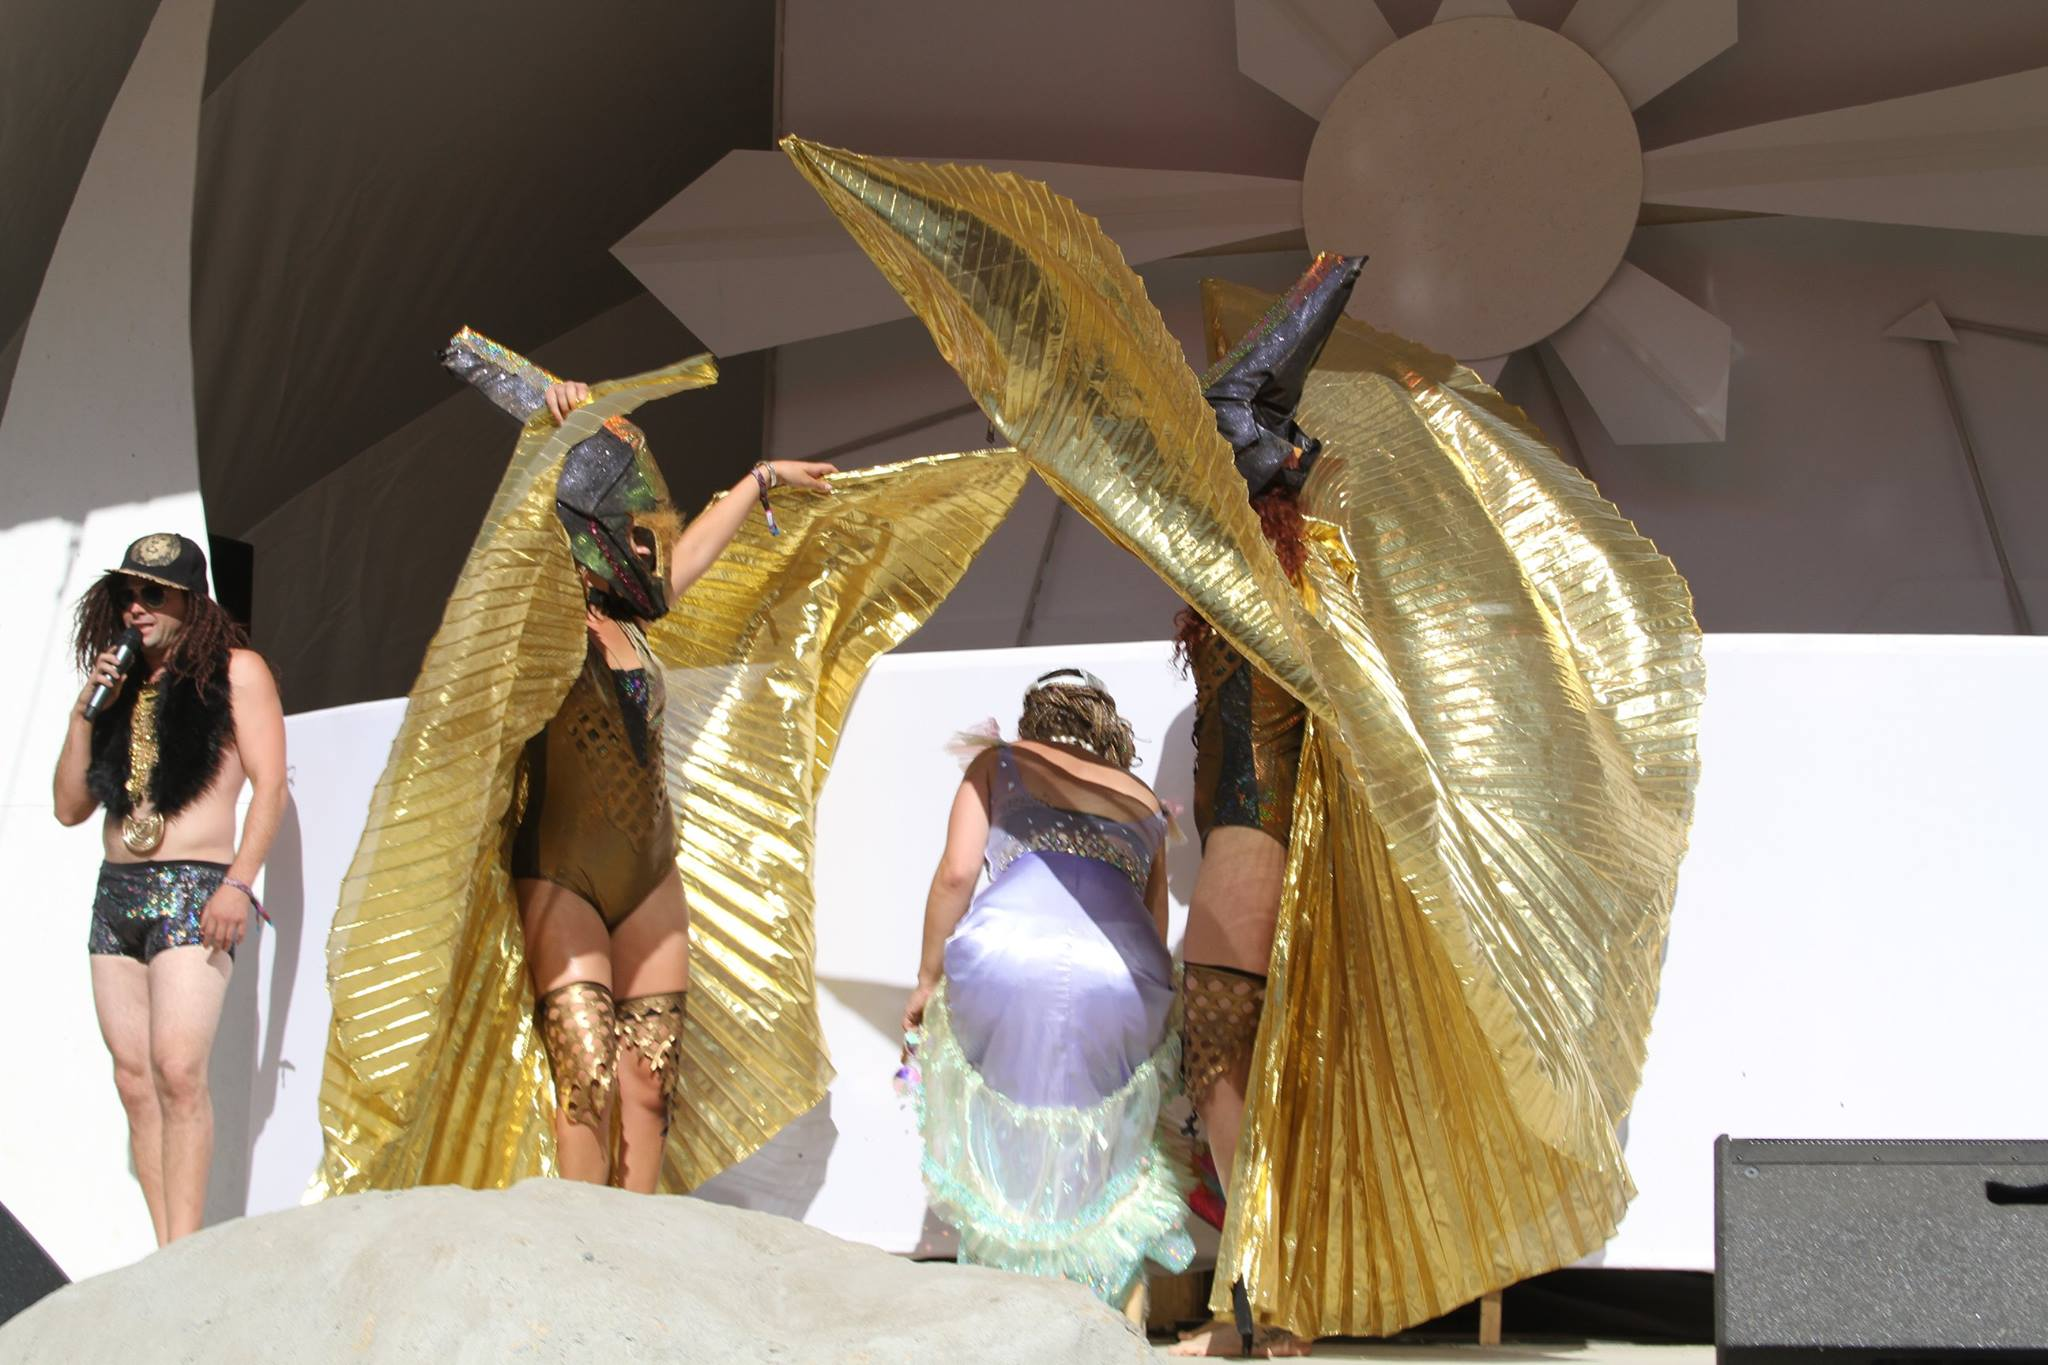 shambhala2015-21.jpg